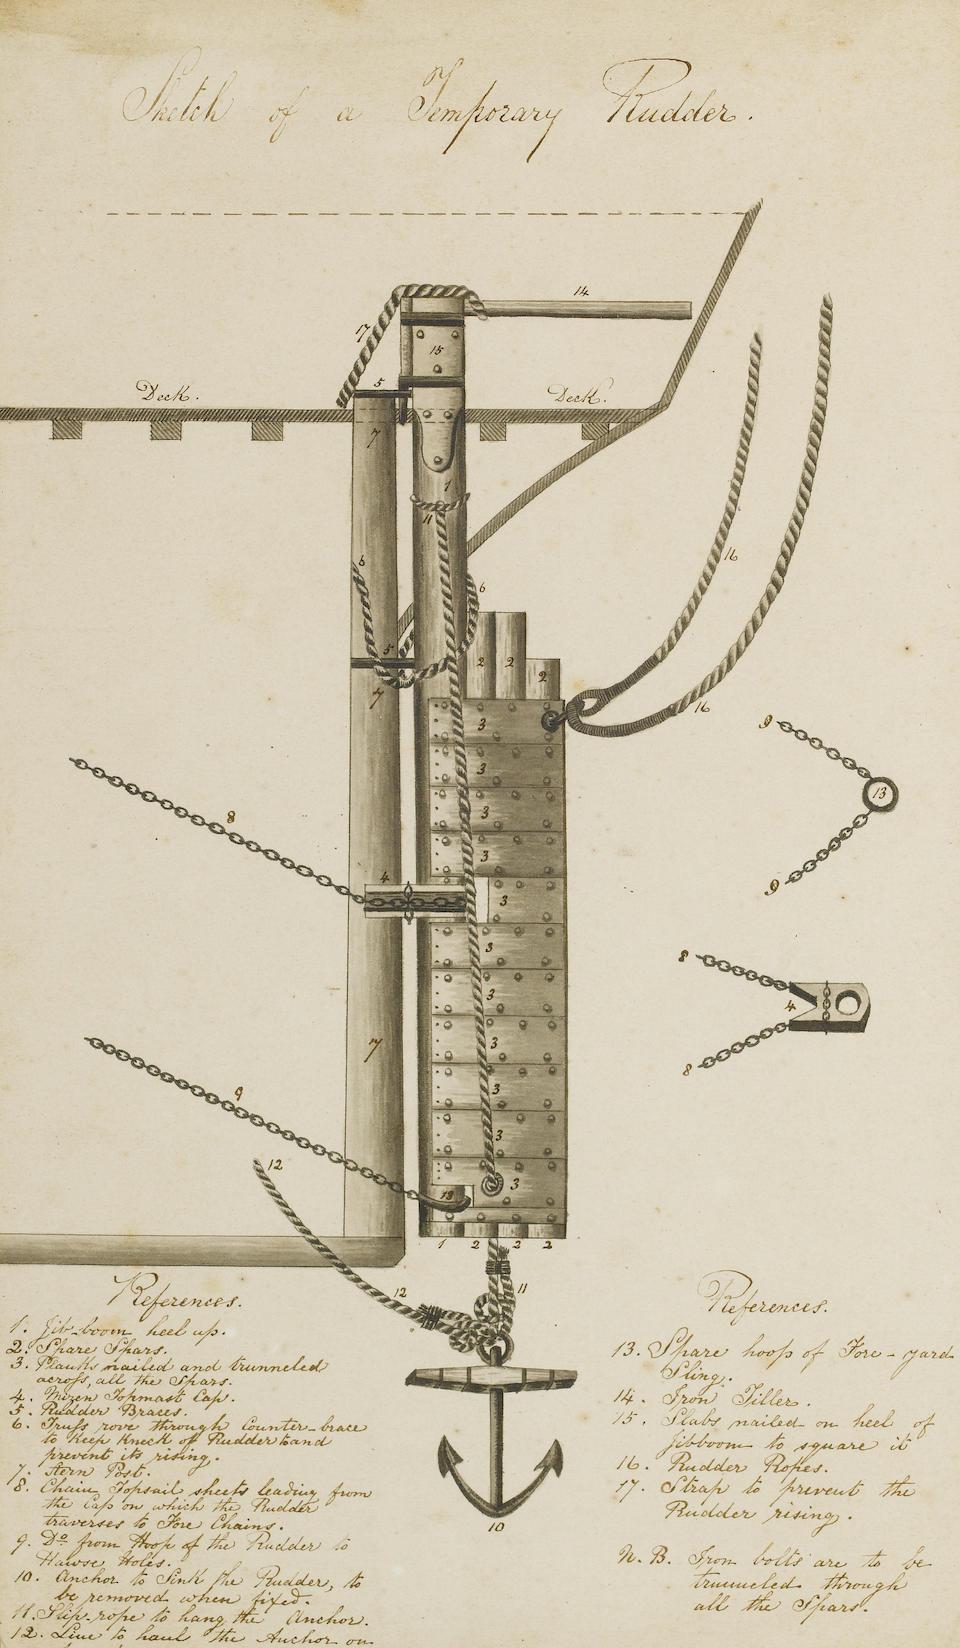 Cpt. William C. Buck (British, died 1917) 'Sketch of a Temporary Rudder'